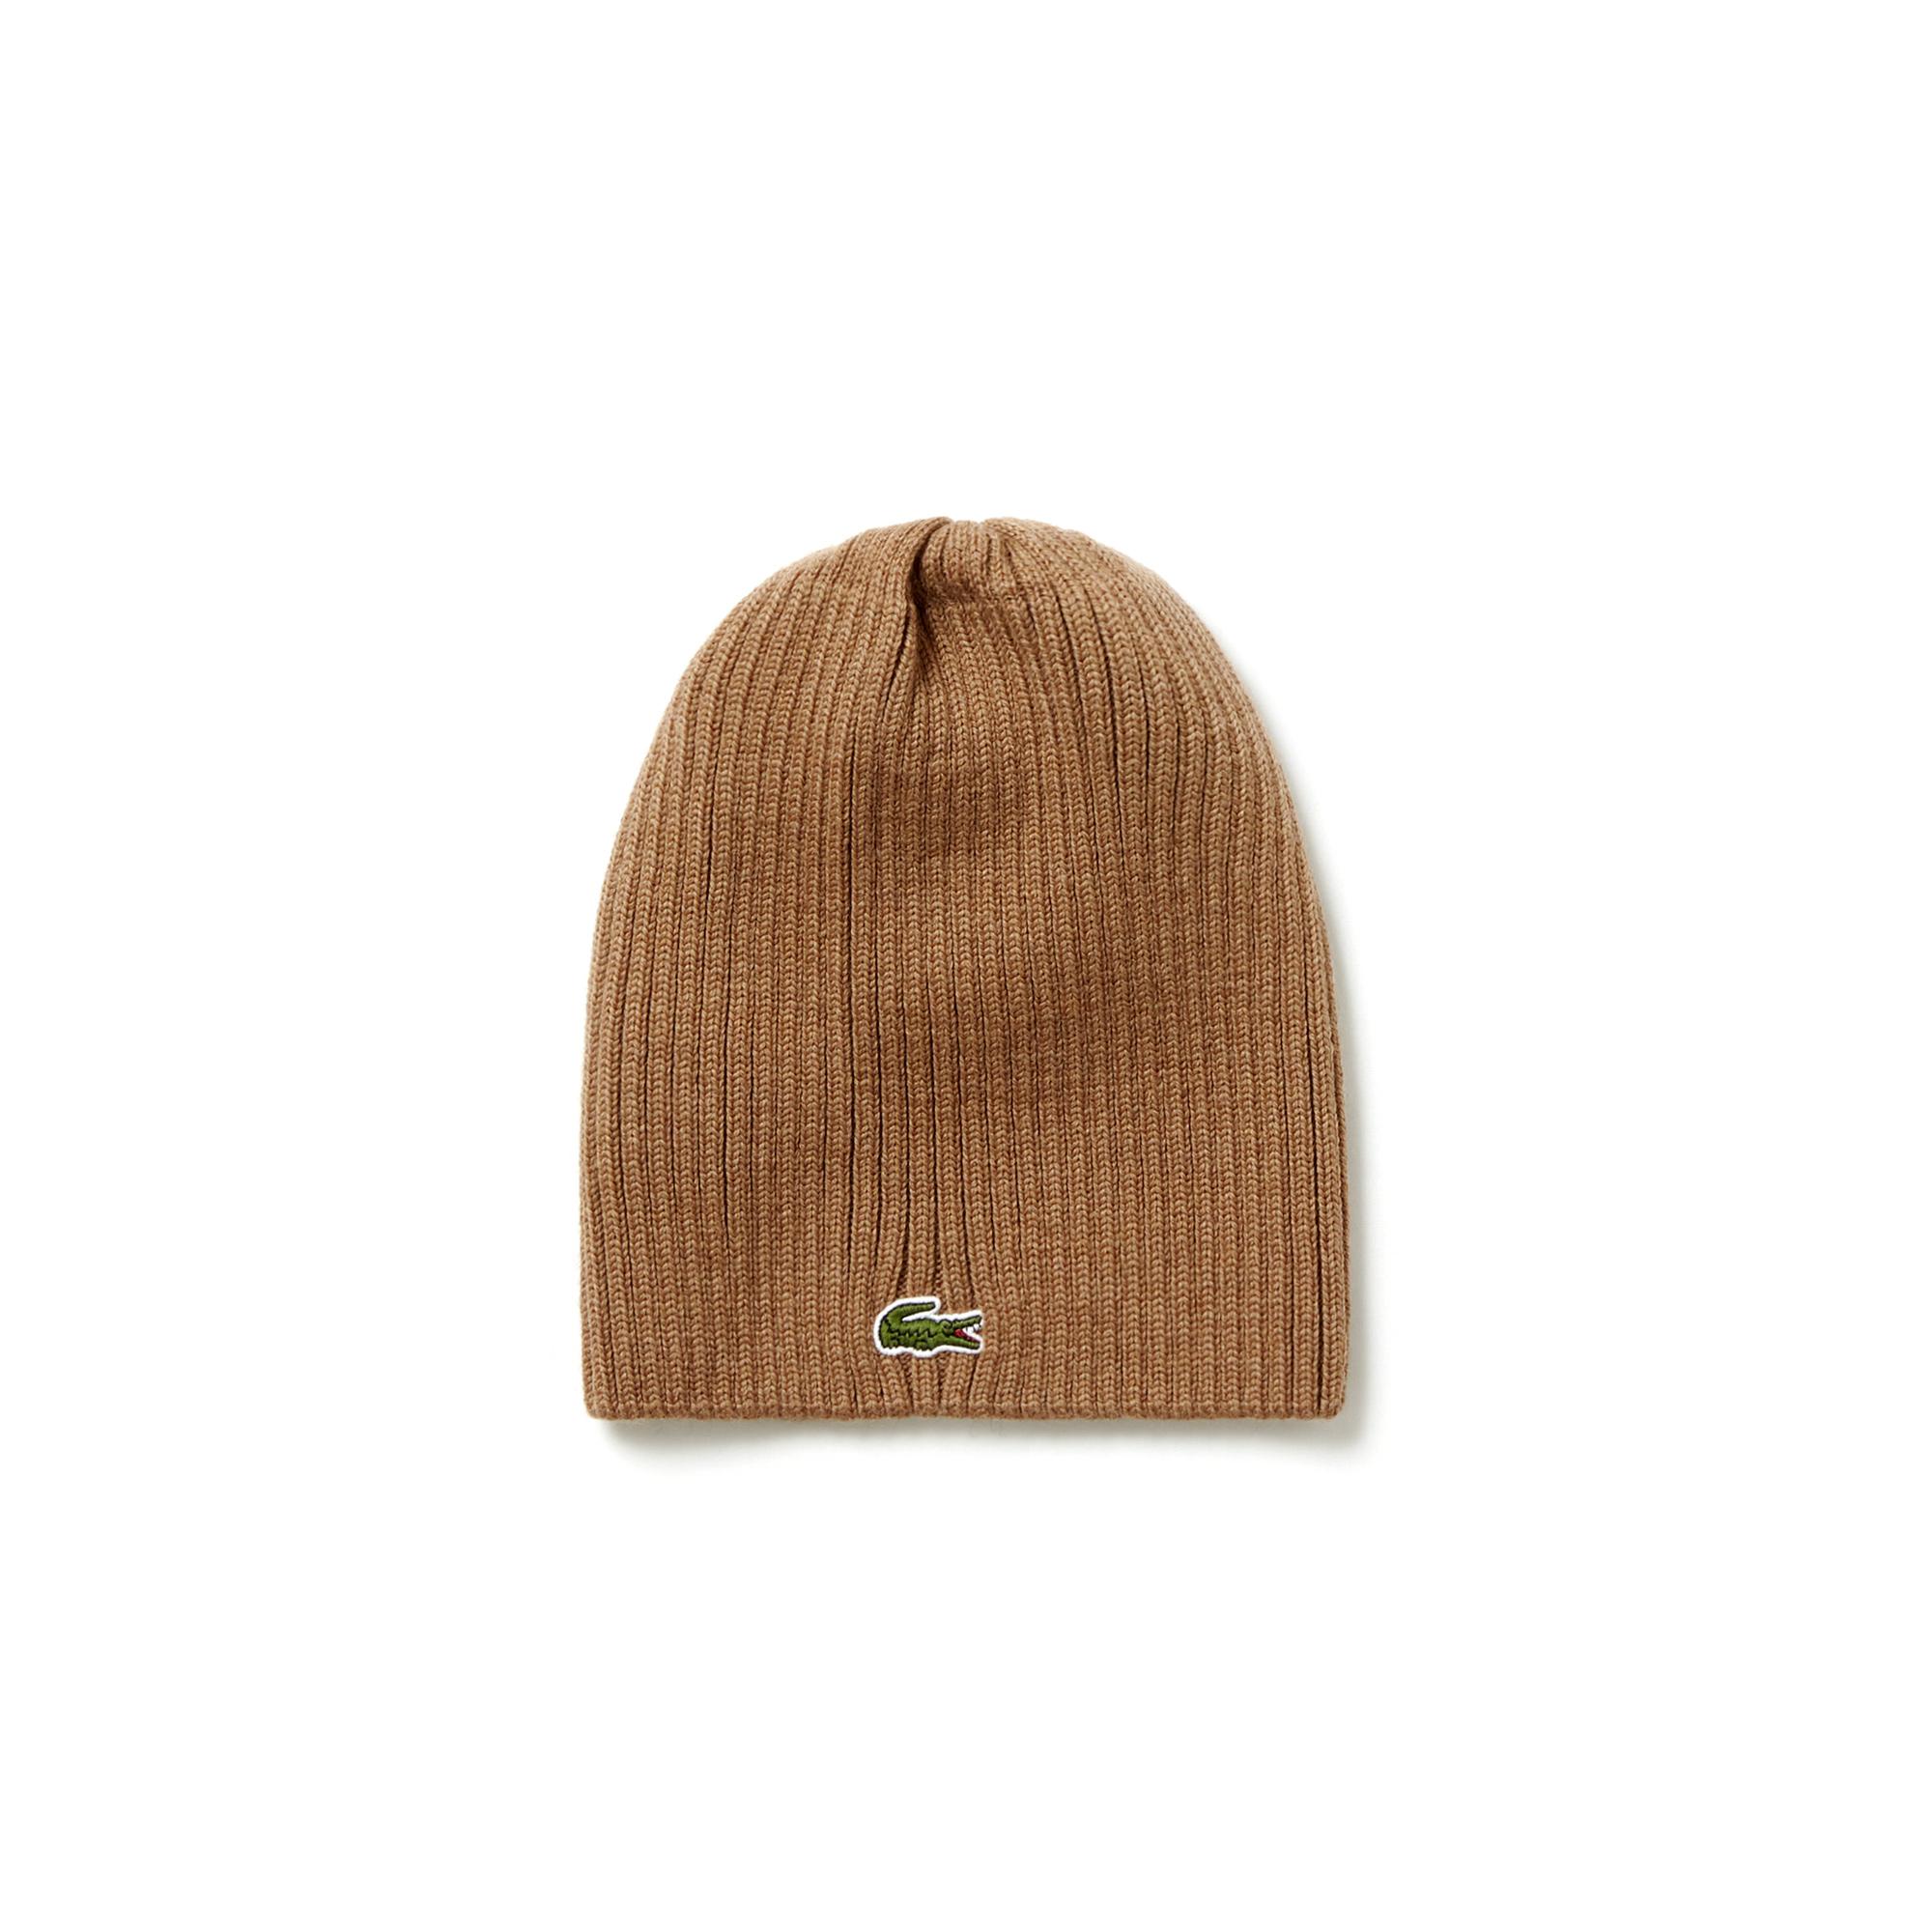 Купить Вязаная шапка Lacoste, бежевый, RB3504